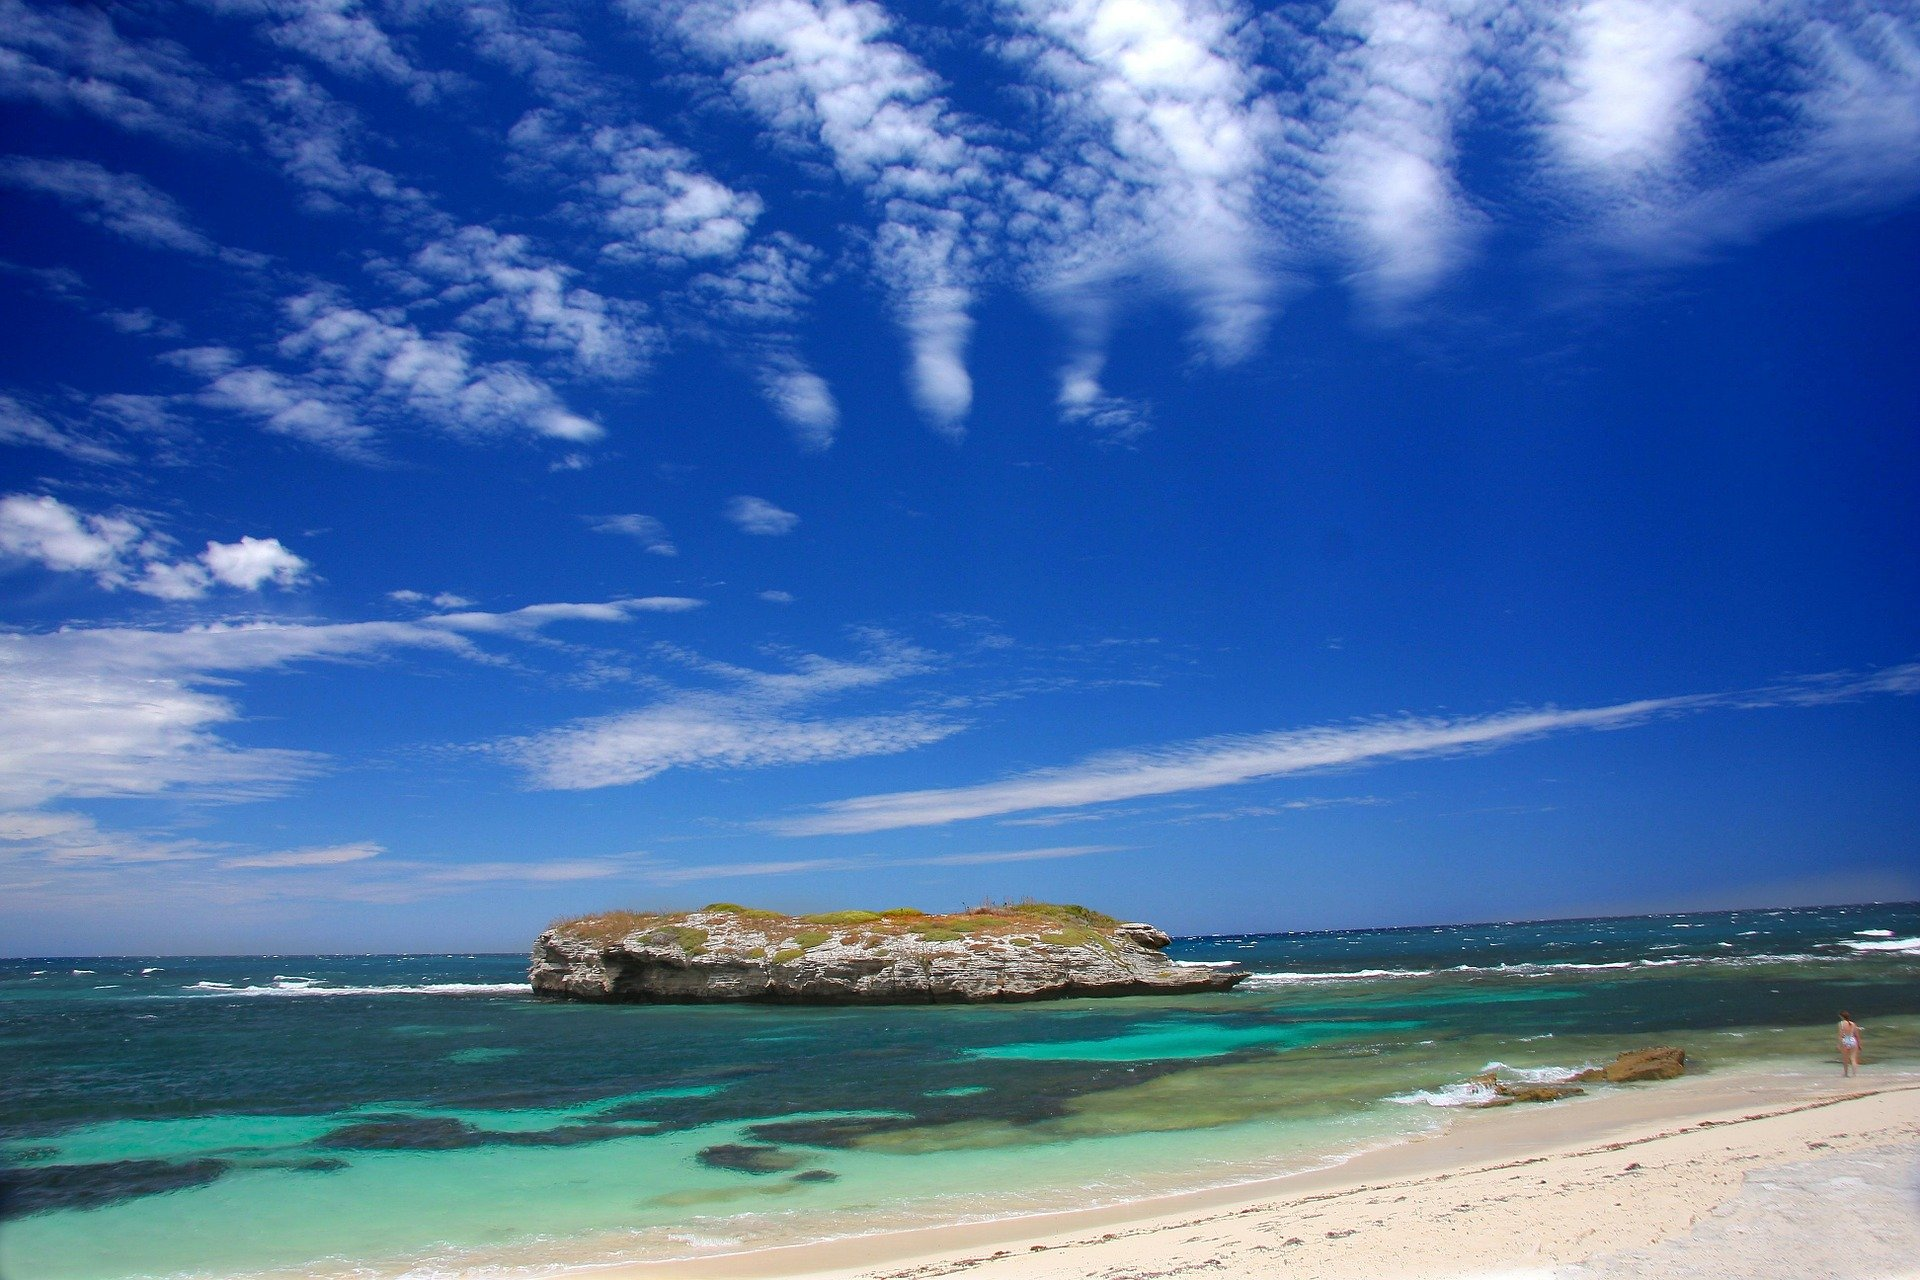 أفضل أماكن الوجهات السياحية في أستراليا-4